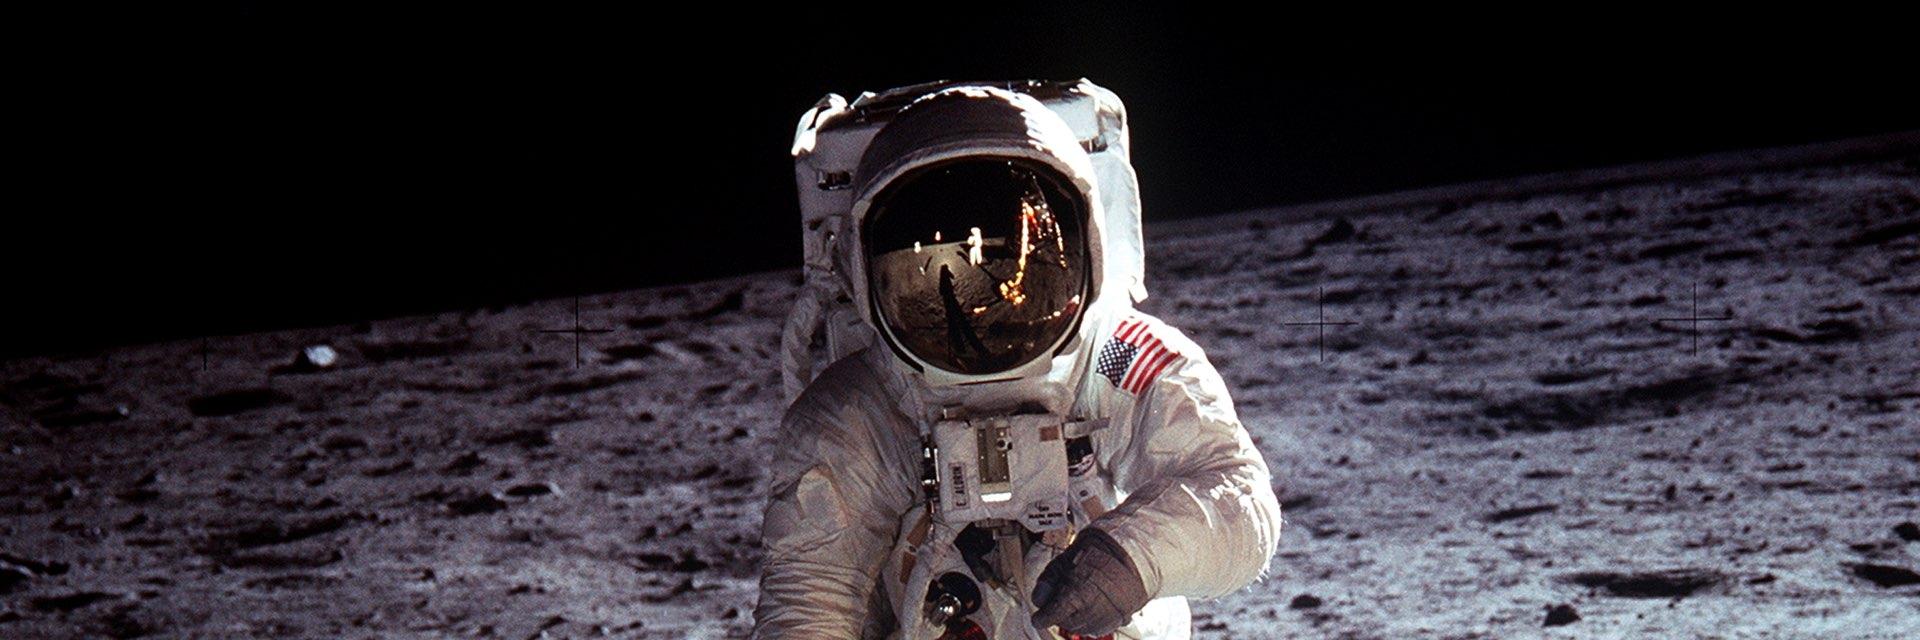 Resultado de imagen para 50 años de la llegada del hombre a la luna